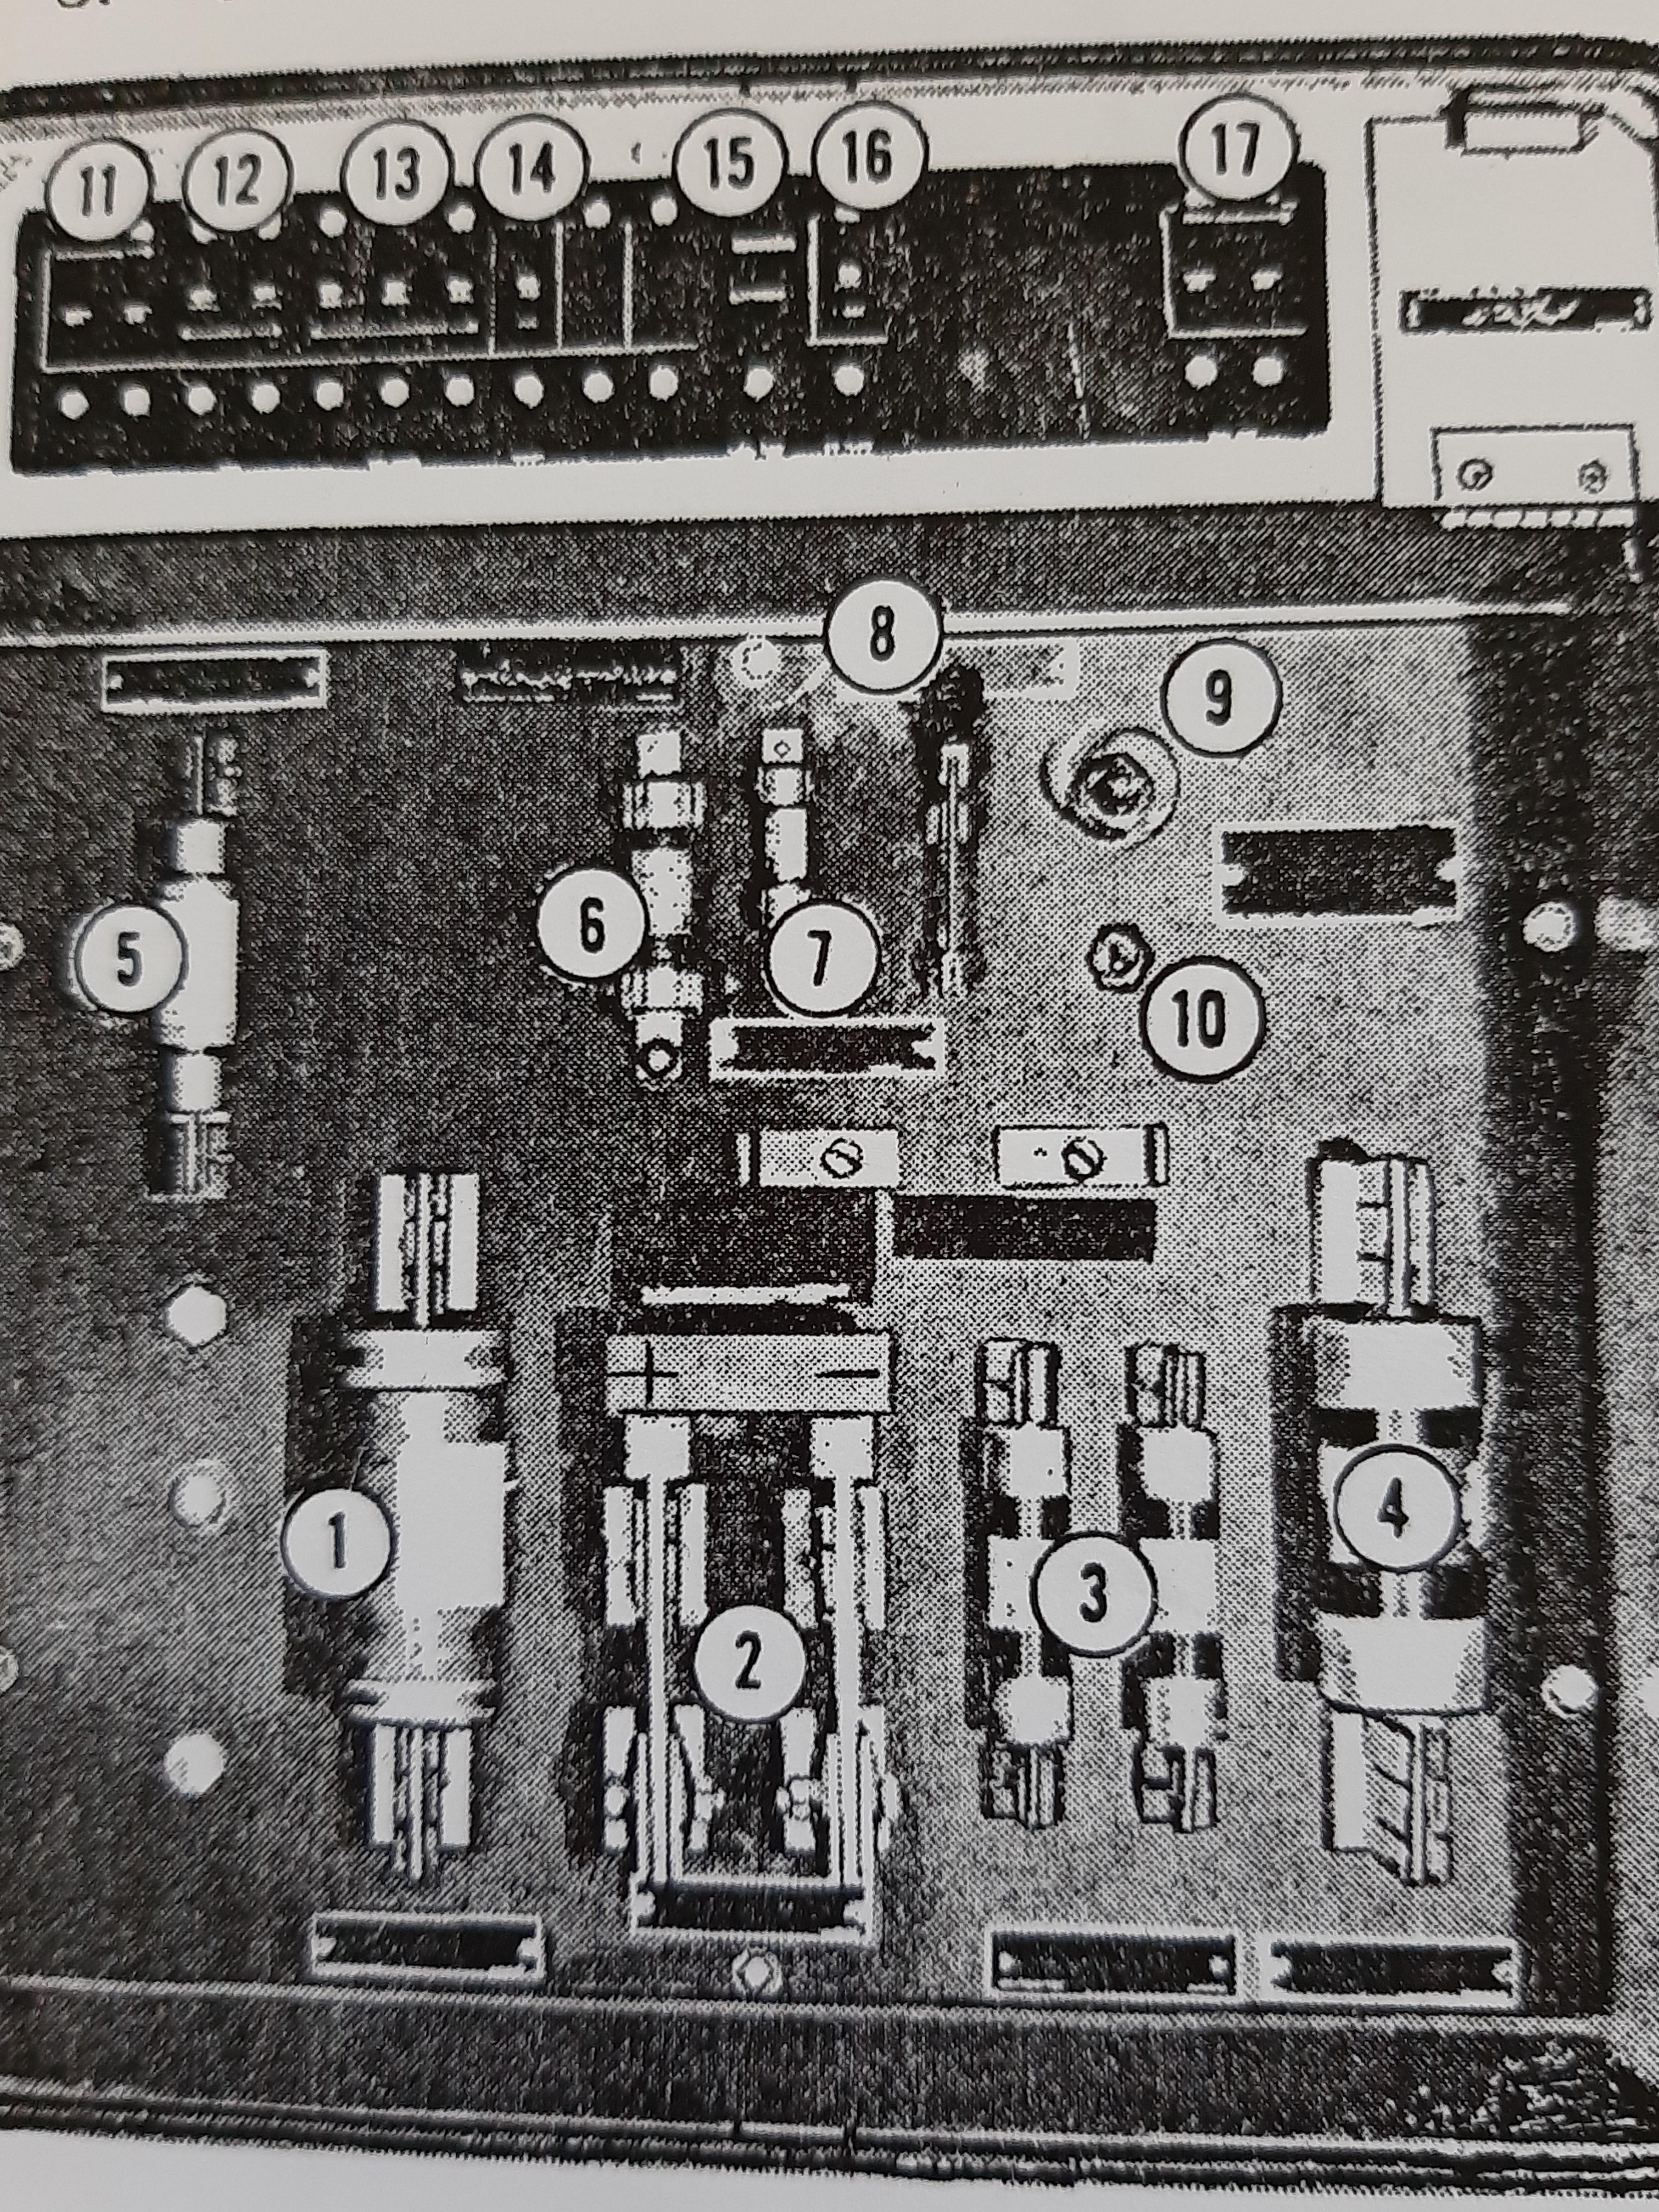 چگونه کلید های تیغه ای و فیوز ها برای روشن کردن GT 26 cw را بشناسیم؟